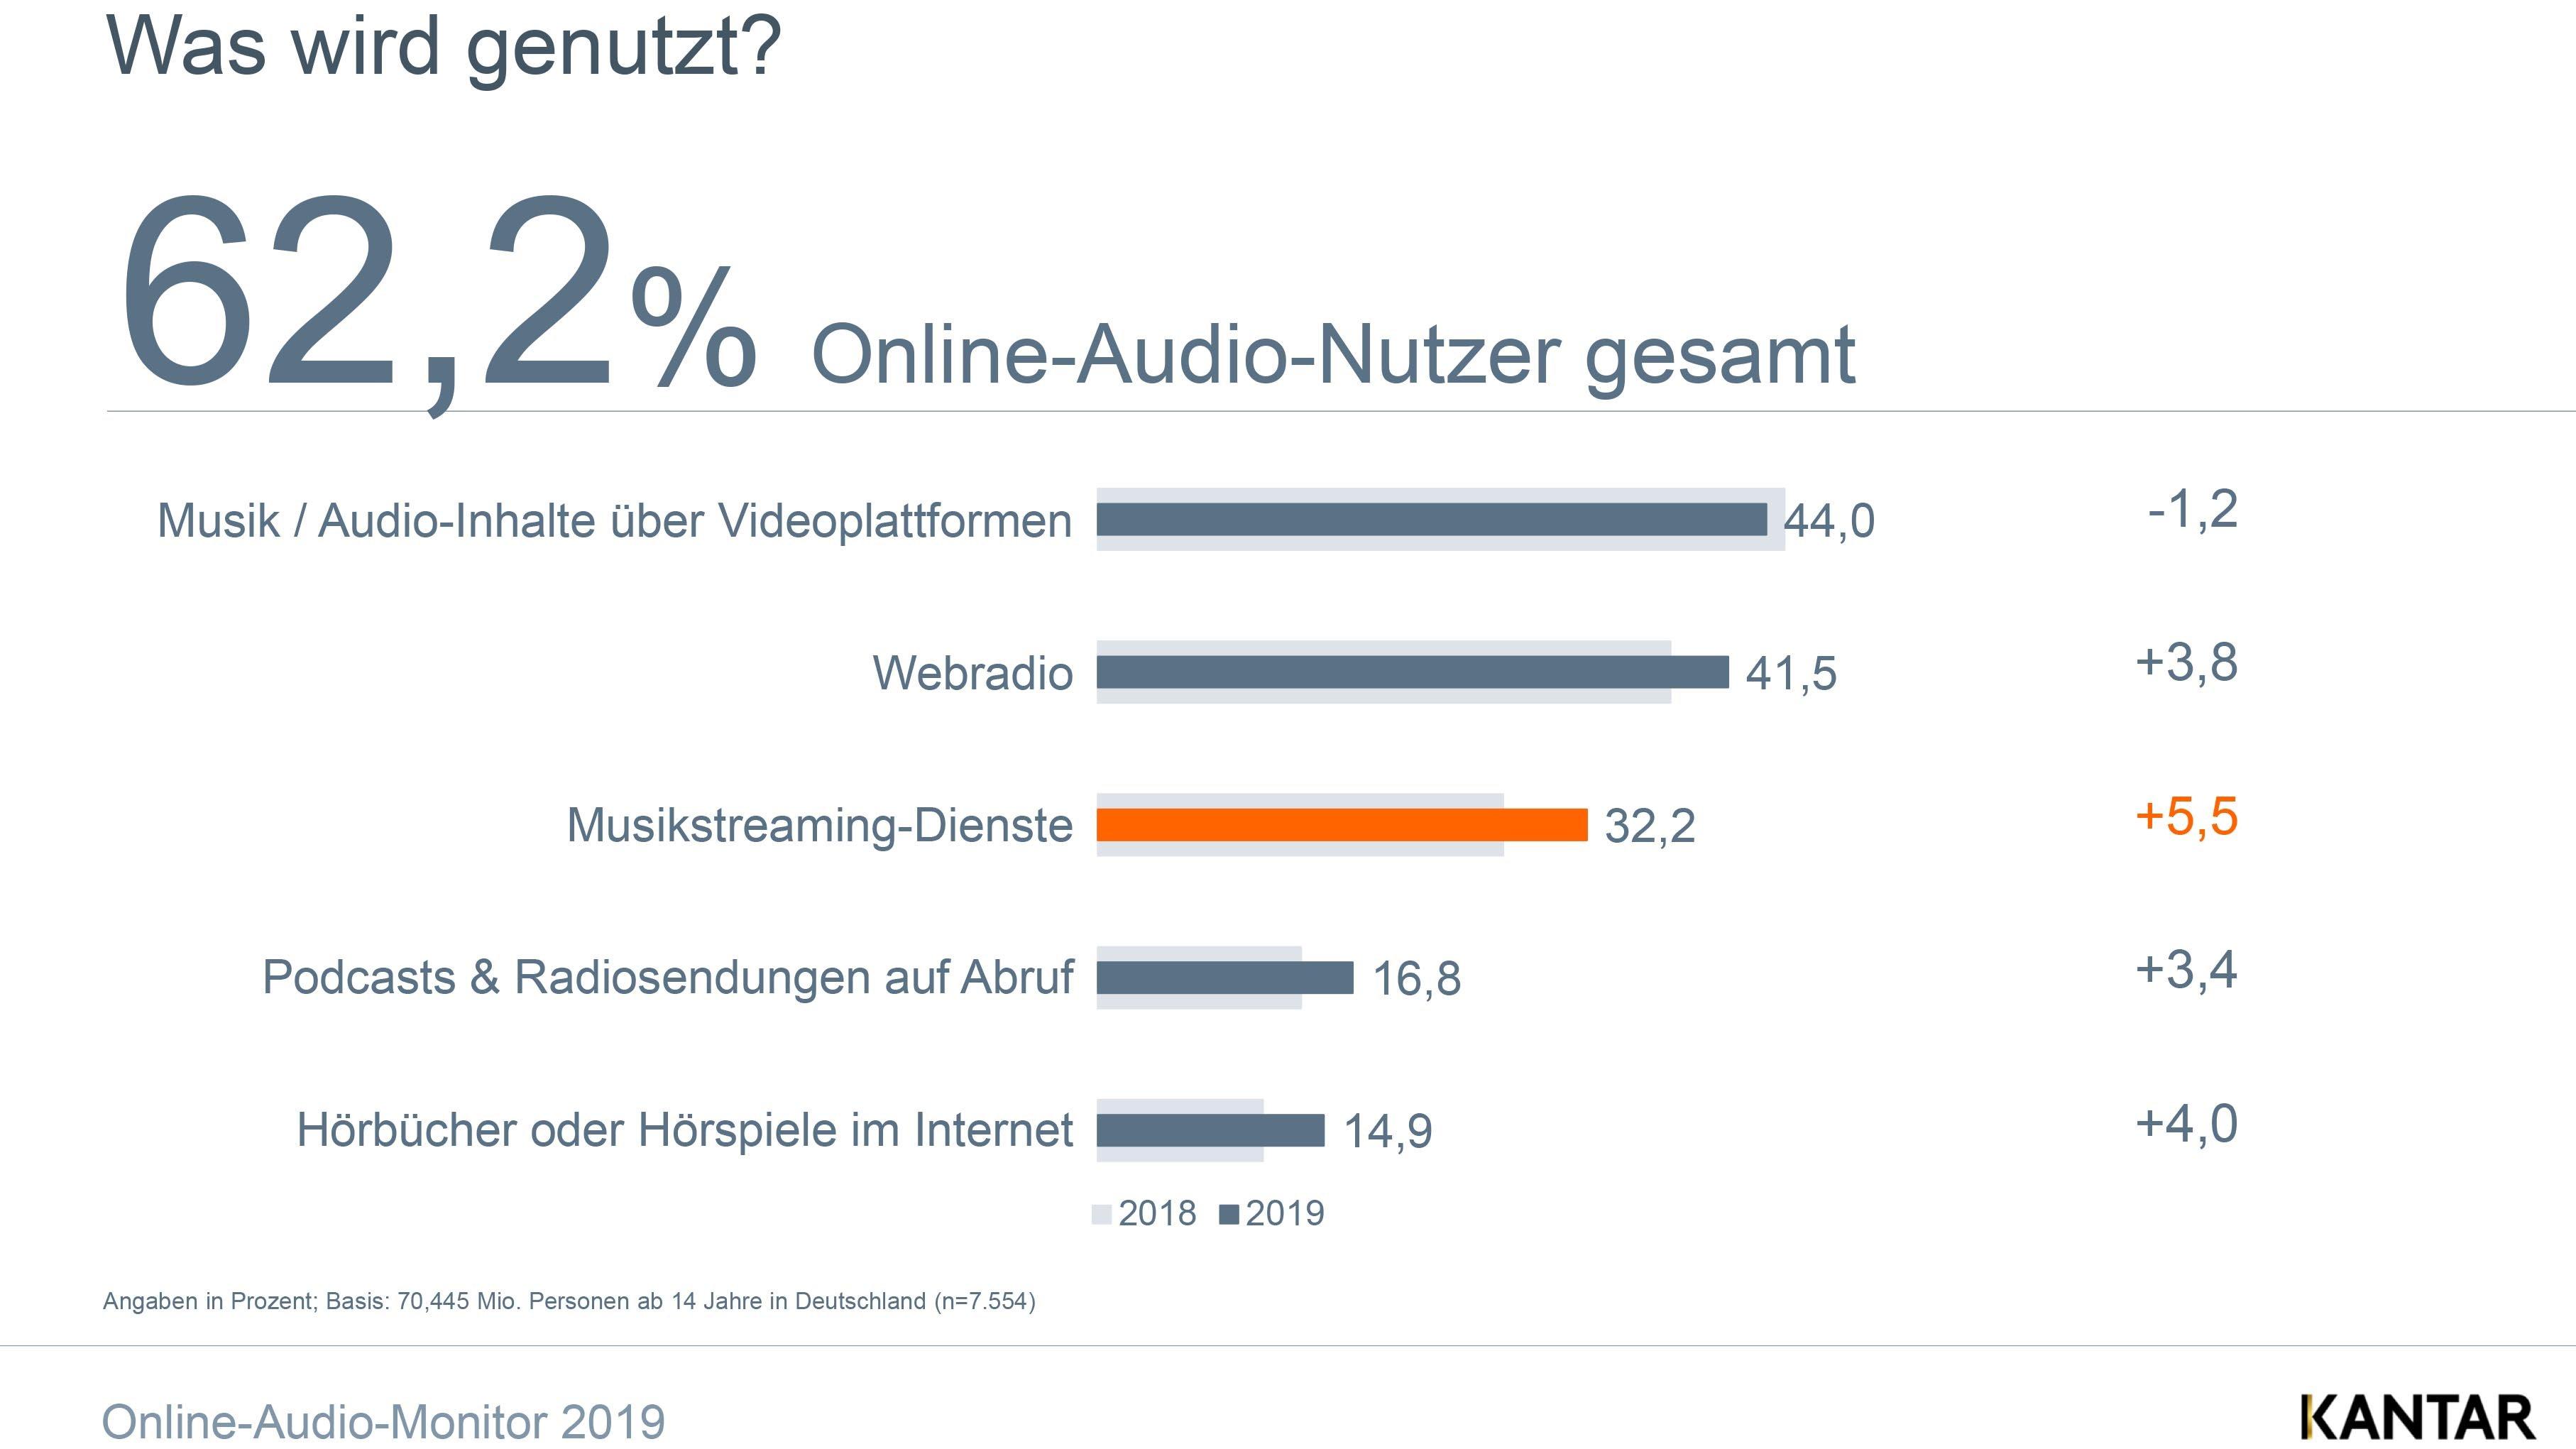 online-audio-nutzer